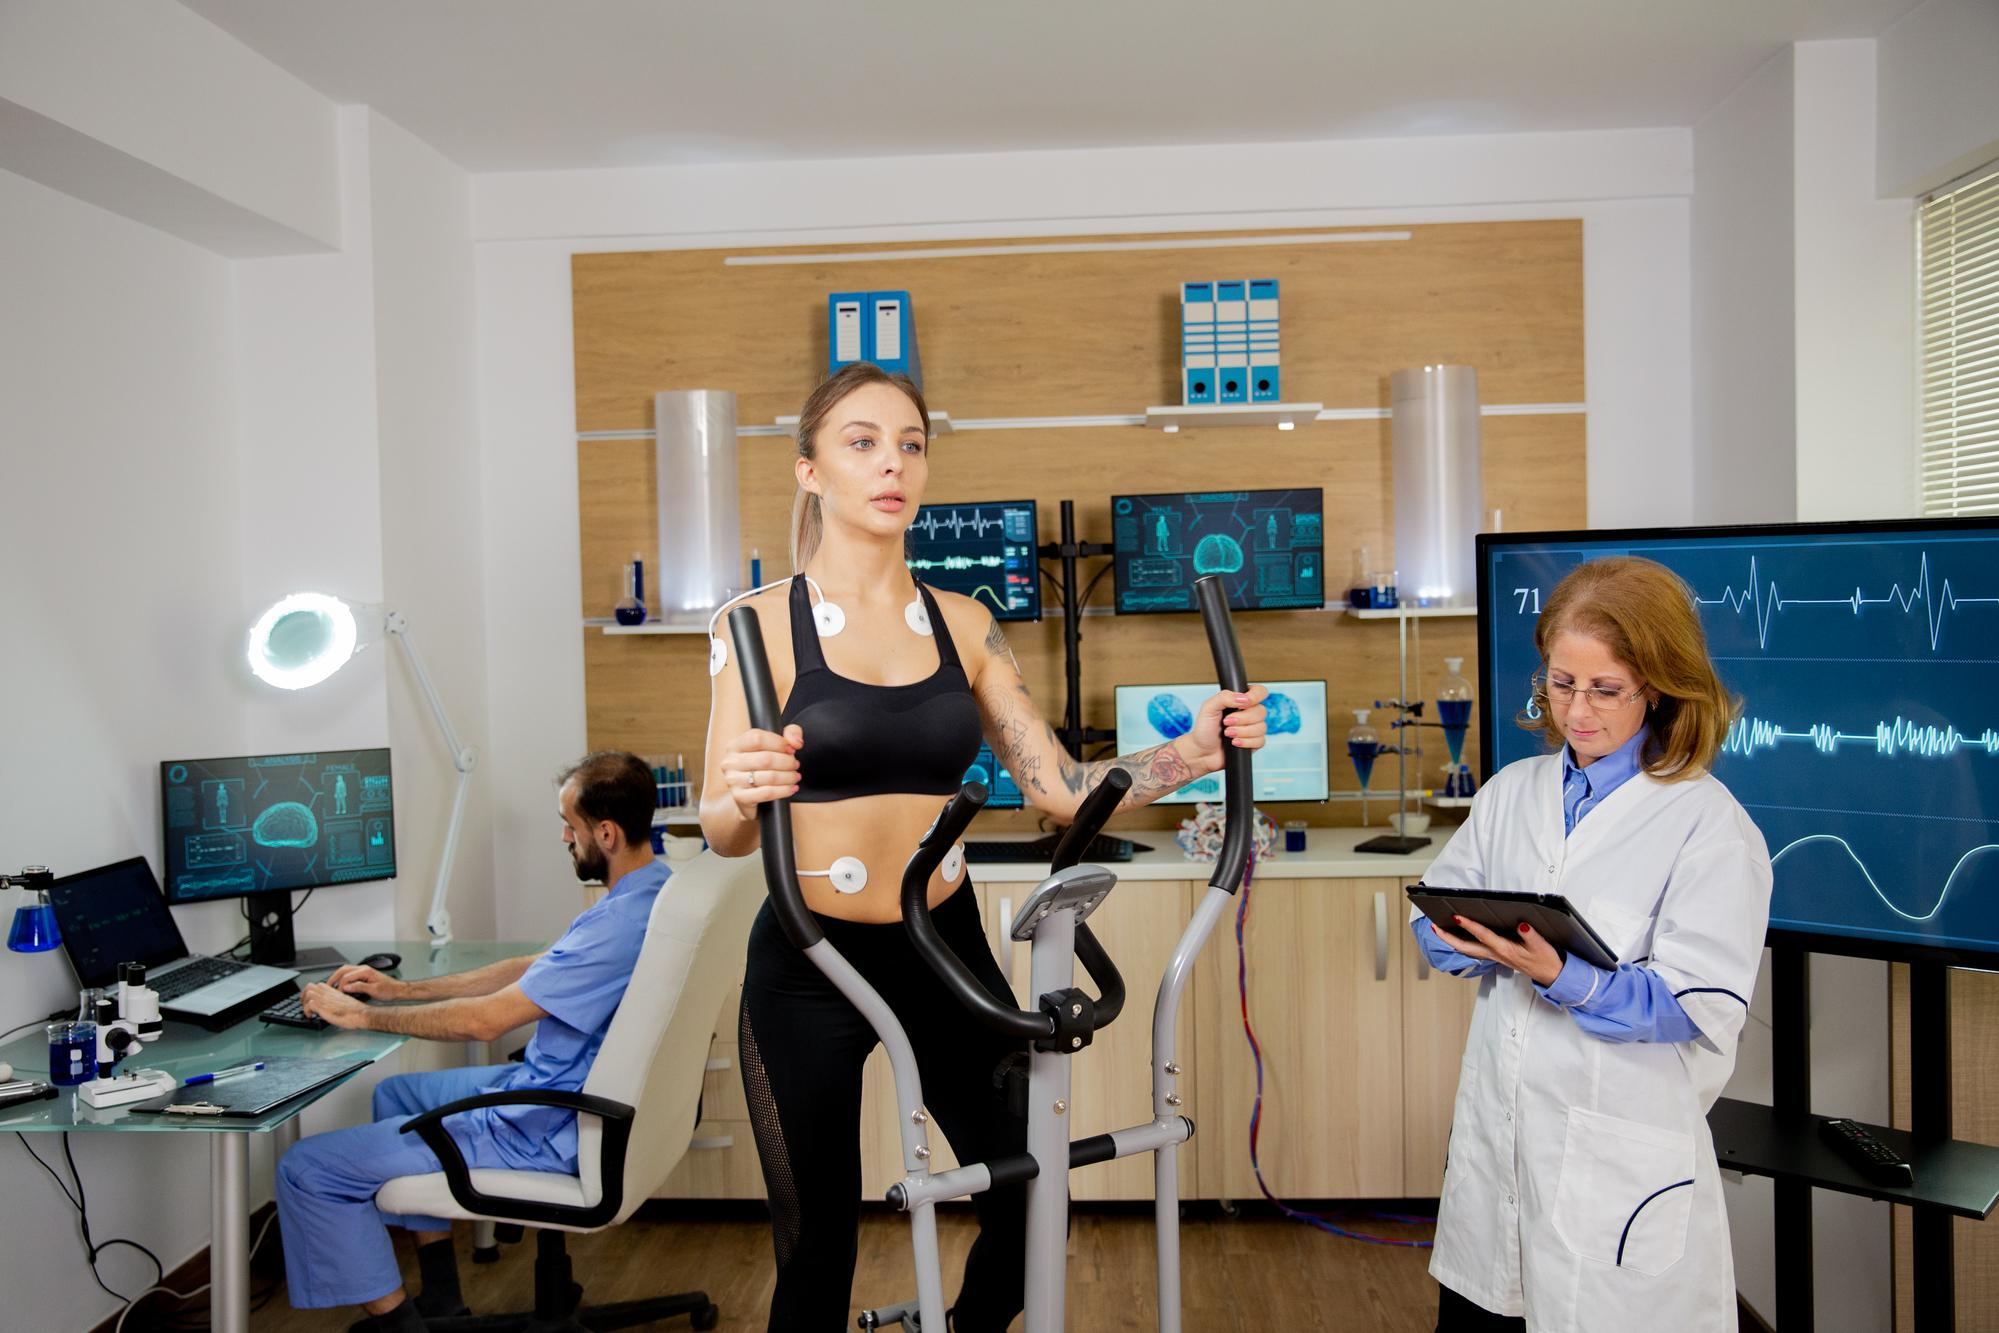 Atleta que realiza pruebas con electrodos.